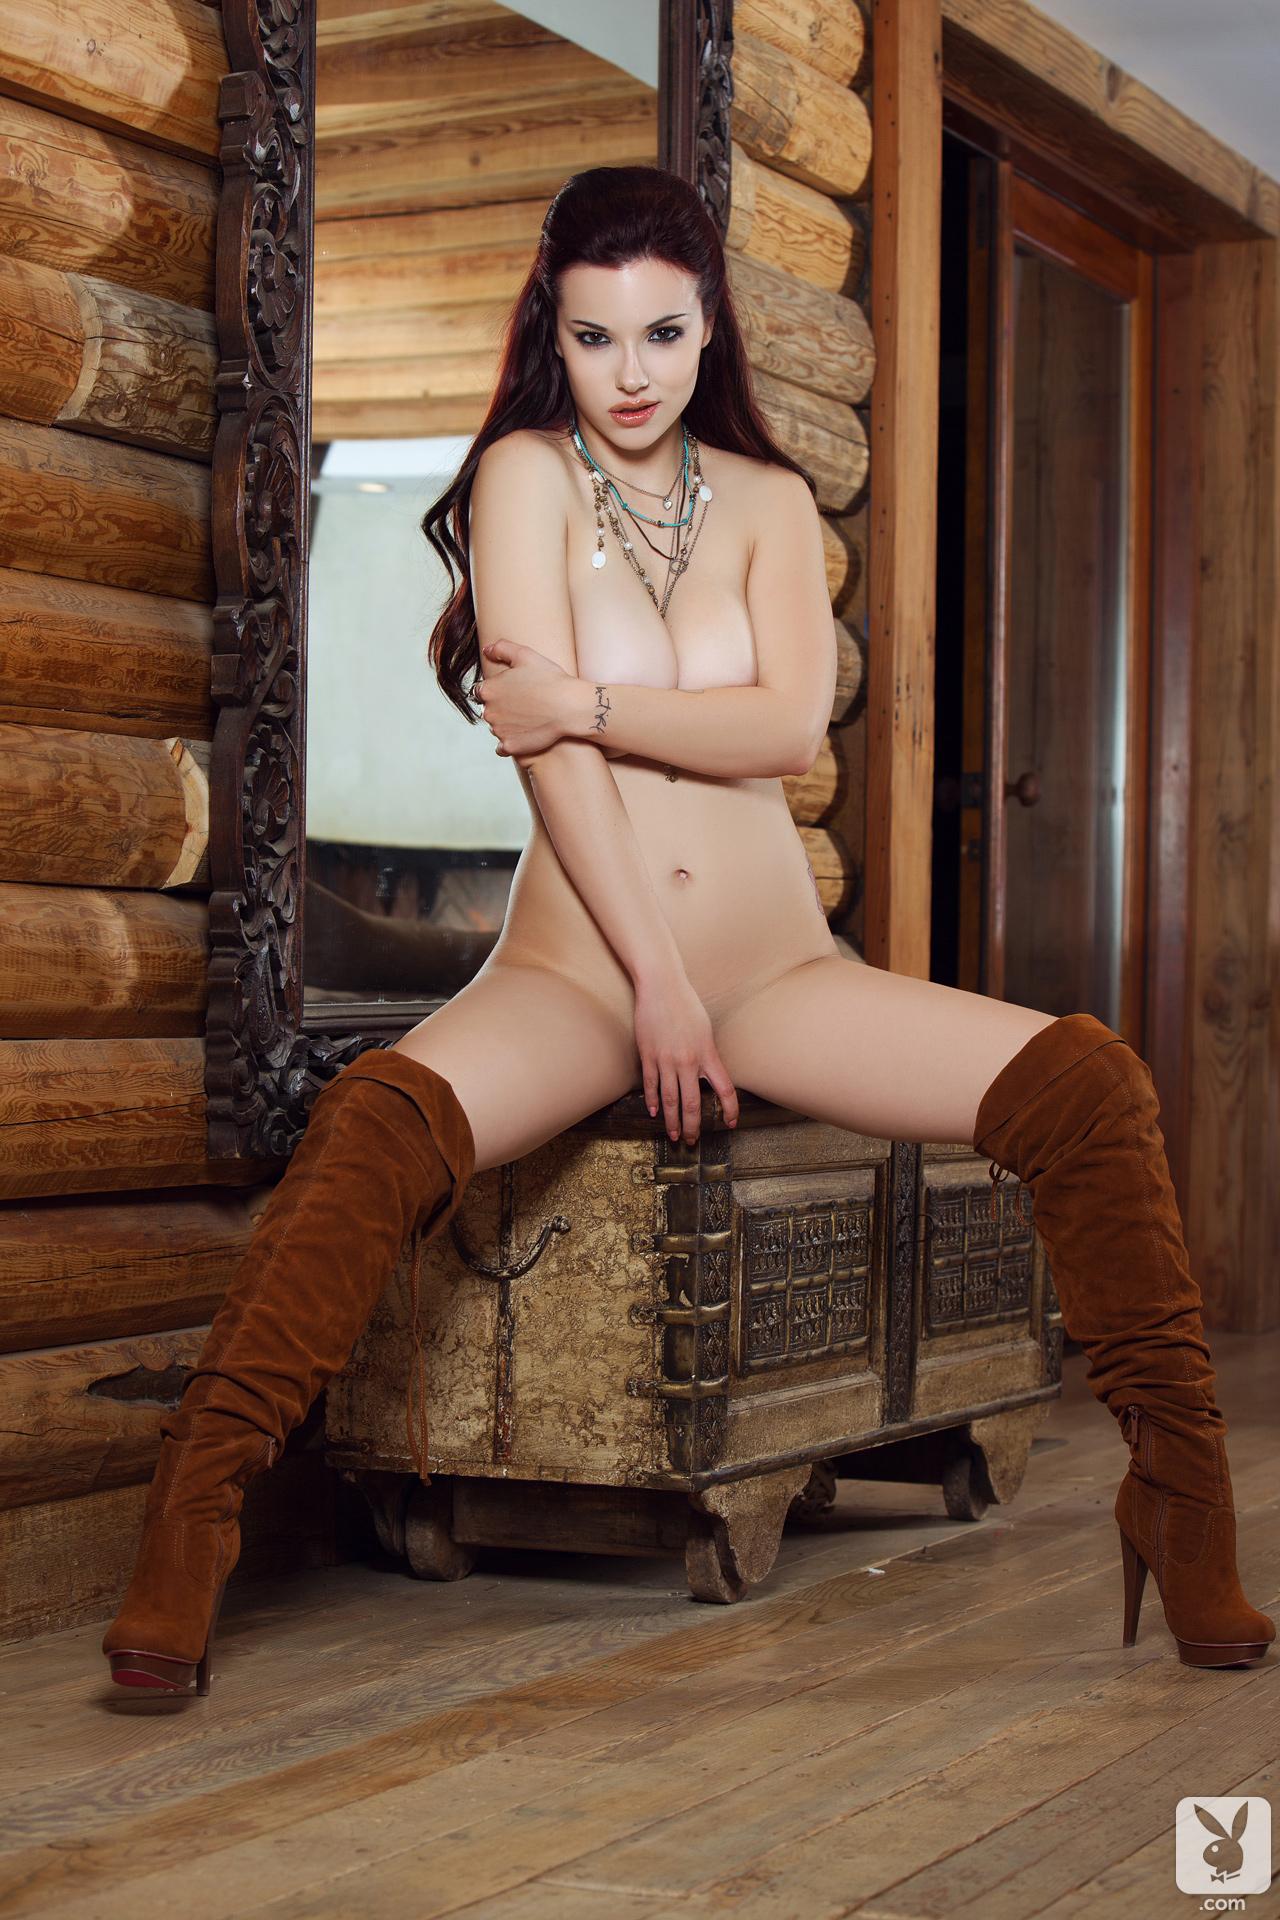 ace2bNXW Diosa de Playboy, Imperdible (0 puntos)